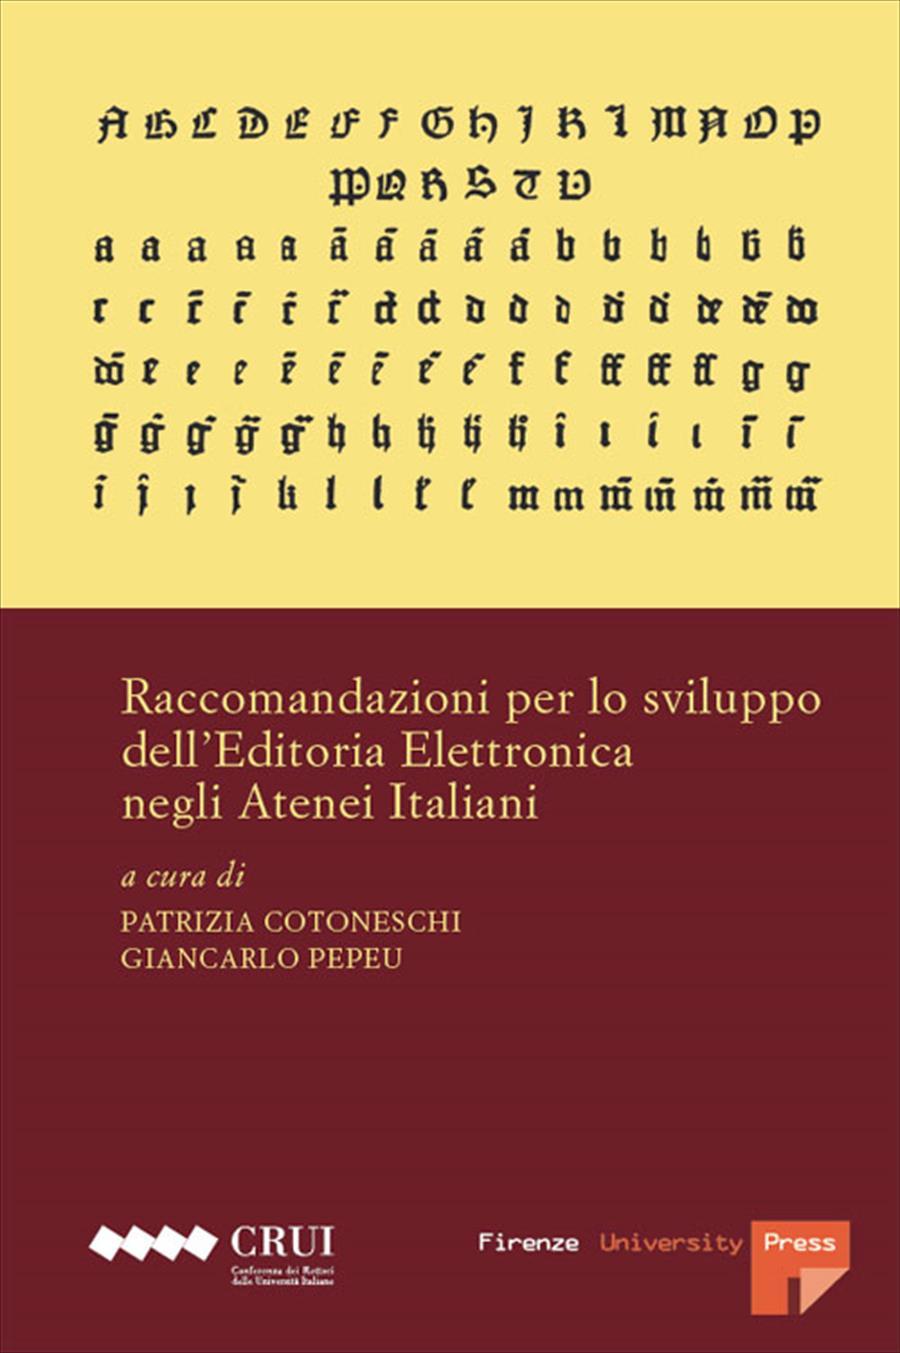 Raccomandazioni per lo sviluppo dell'Editoria Elettronica negli Atenei Italiani